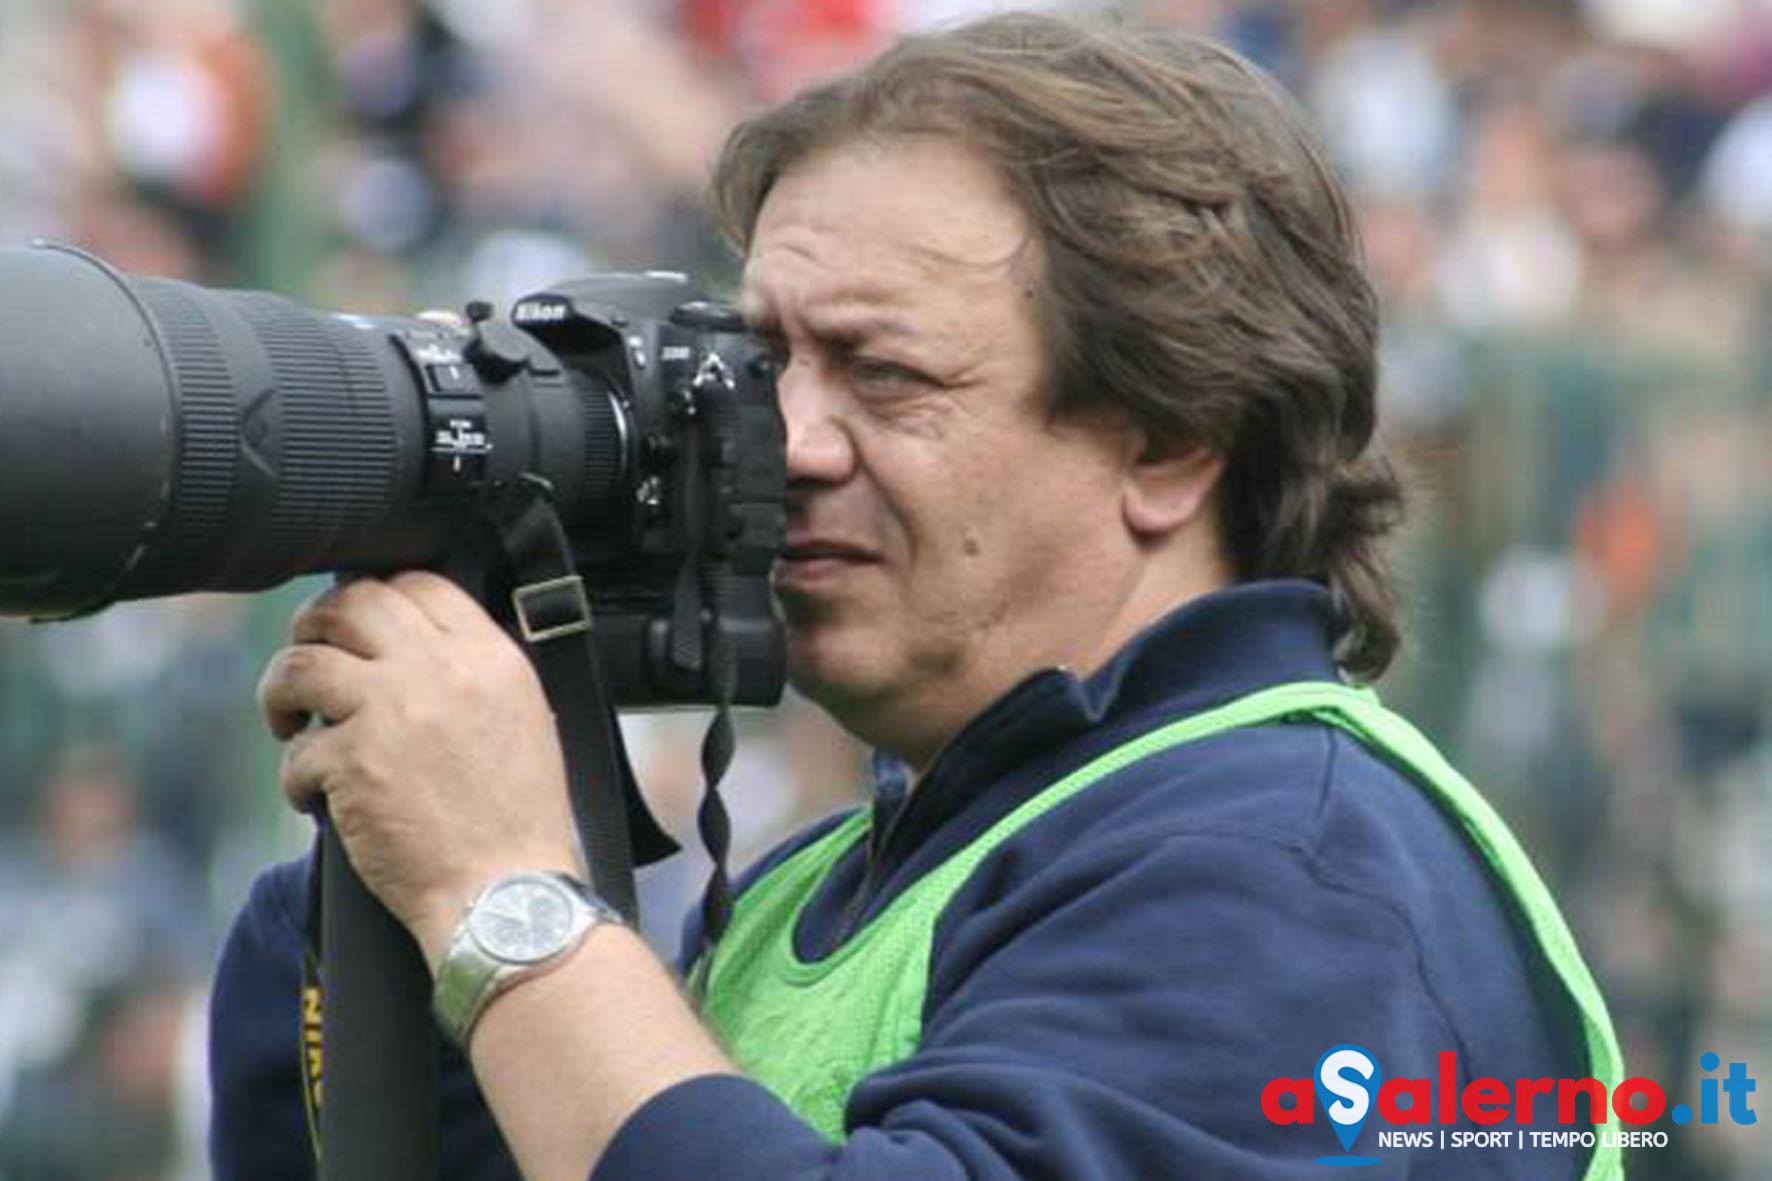 Fotografo Cava Dei Tirreni si è spento michele sica, storico fotografo della cavese